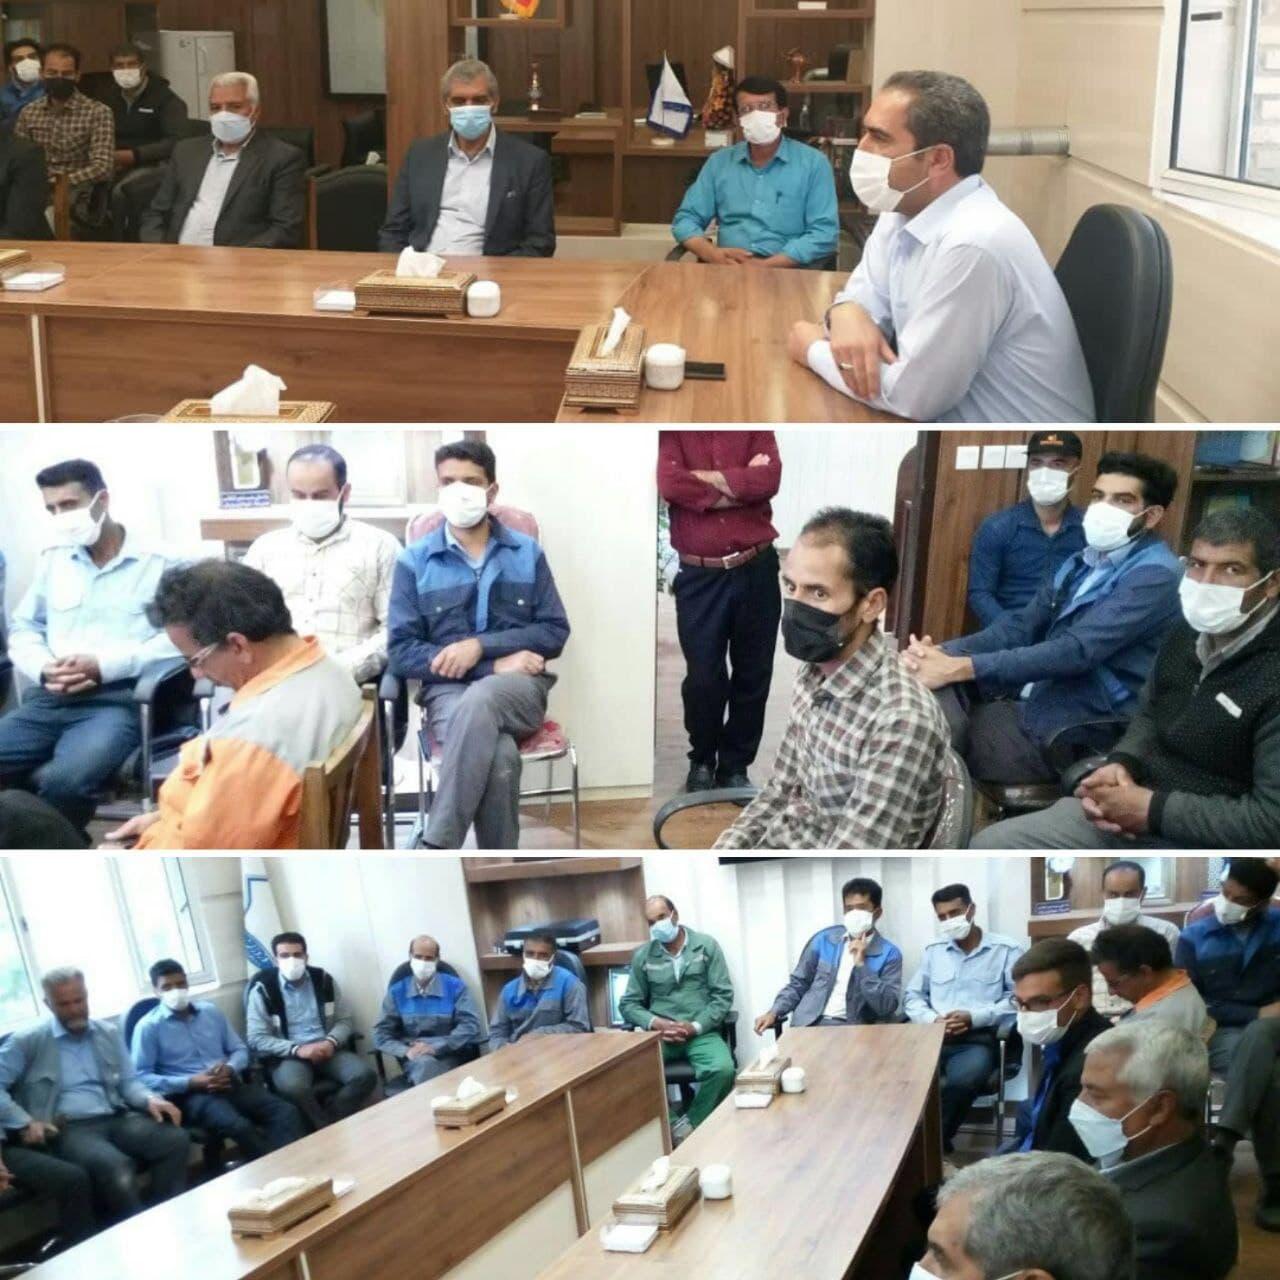 تقدیر و تشکر  از کارگران خدوم و زحمتکش شهرداری وزوان به مناسبت روز جهانی کار و کارگر